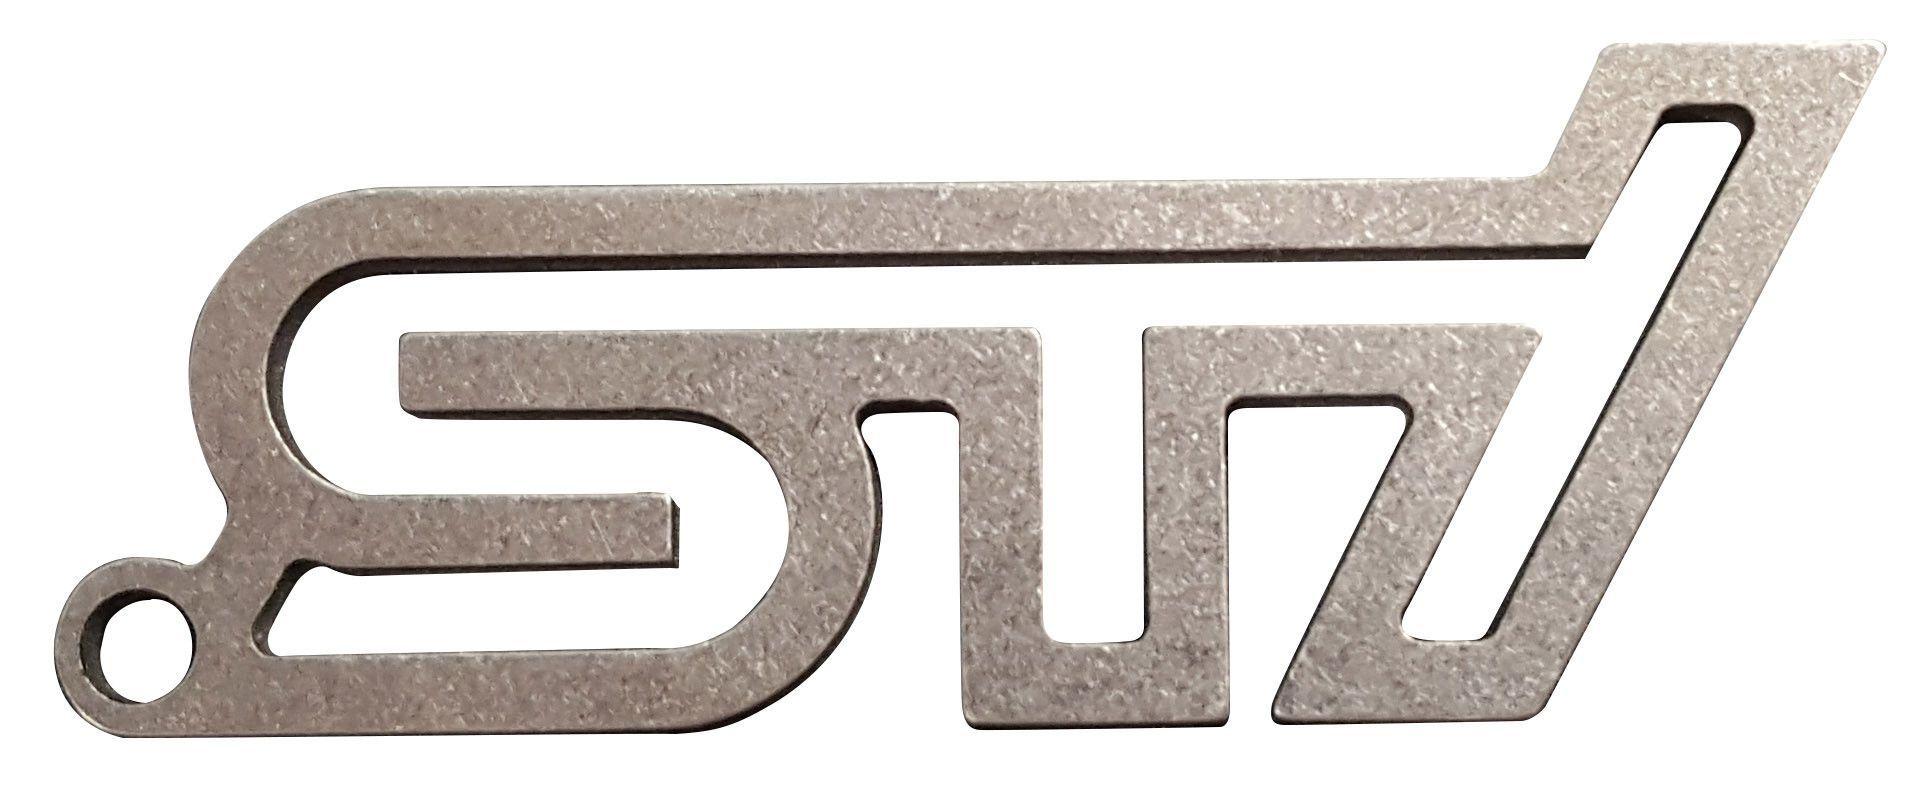 Stainless steel subaru sti key chain subaru stainless